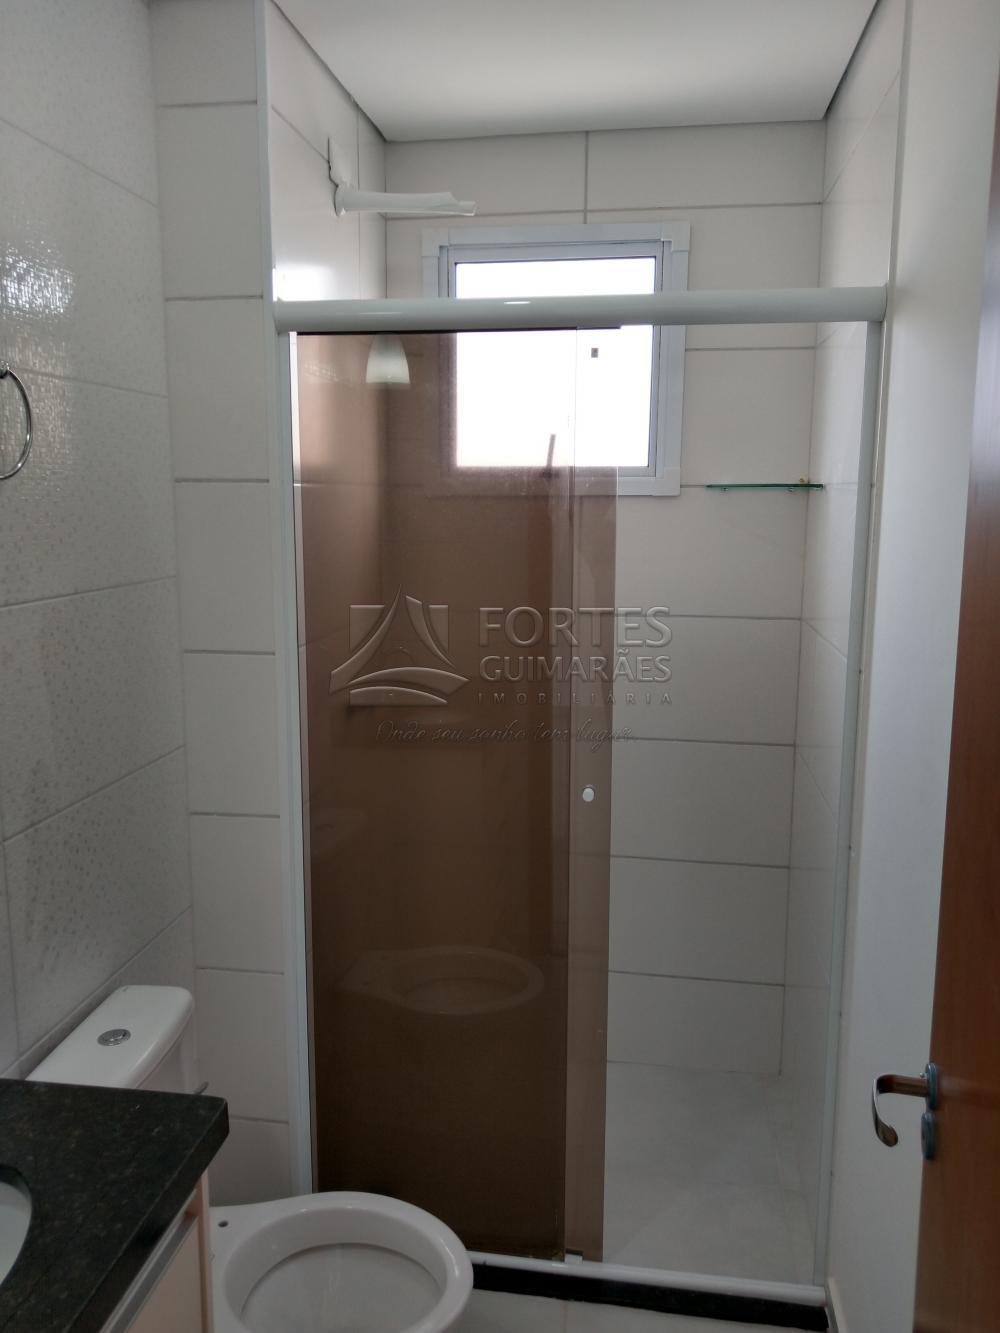 Alugar Apartamentos / Padrão em Ribeirão Preto apenas R$ 800,00 - Foto 25